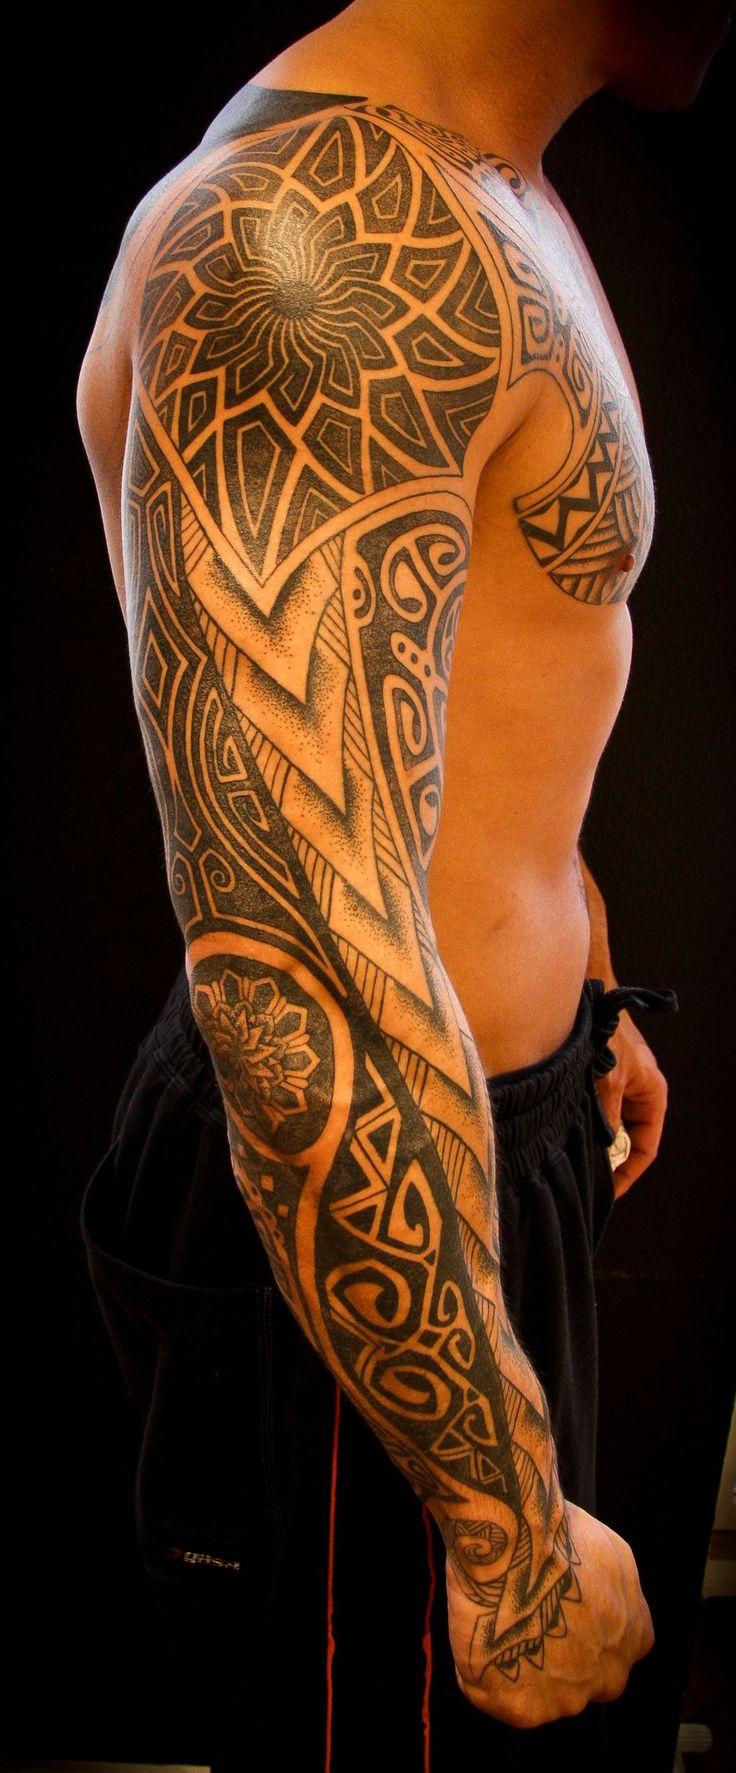 Outstanding Polynesian sleeve!